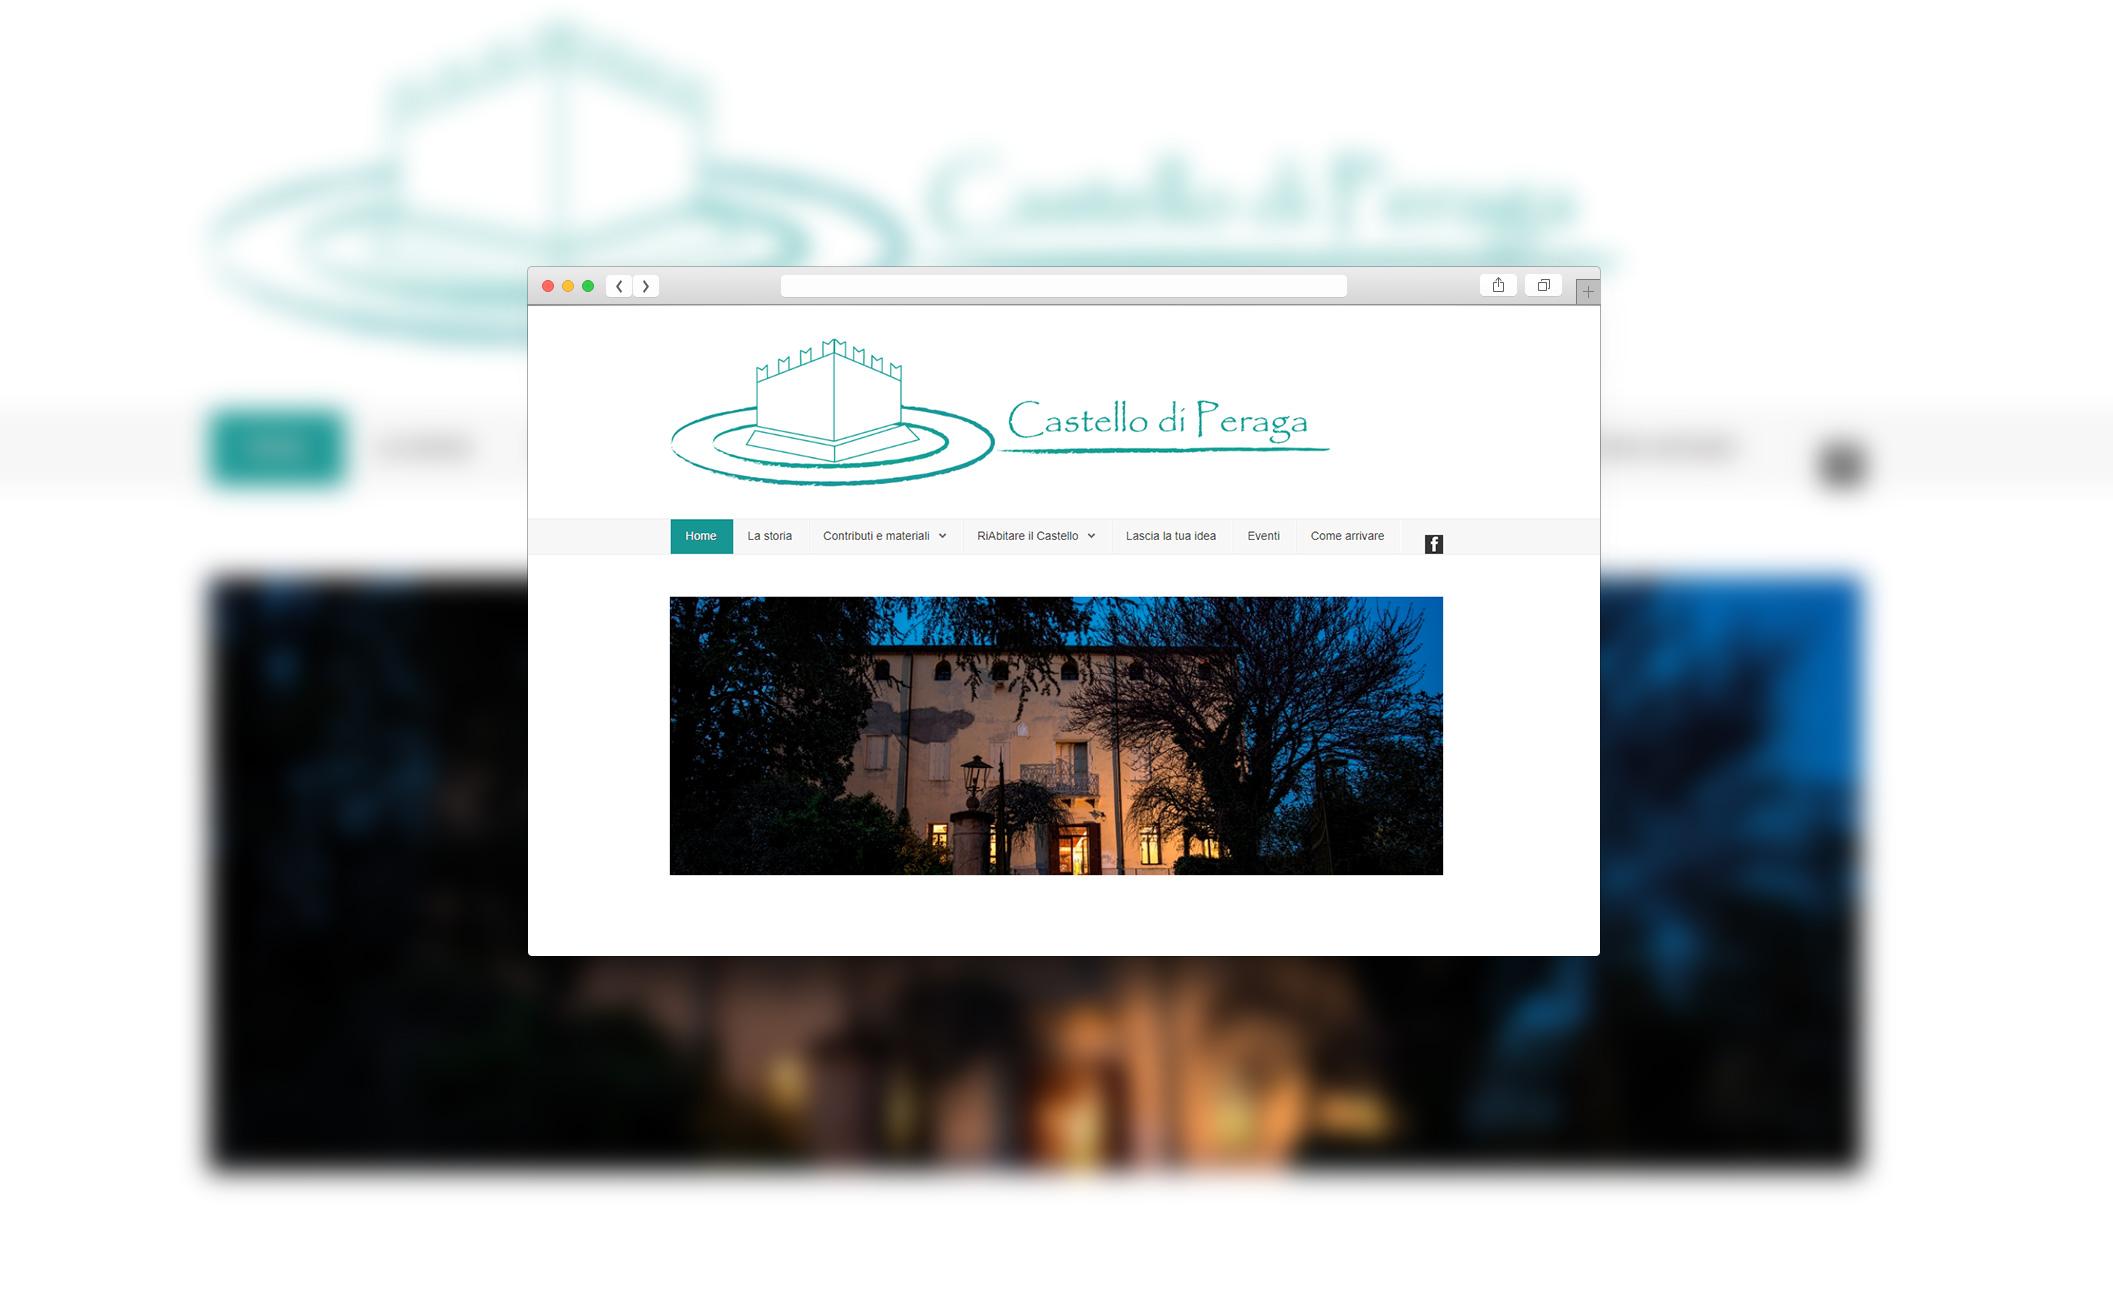 sito Castello di Peraga